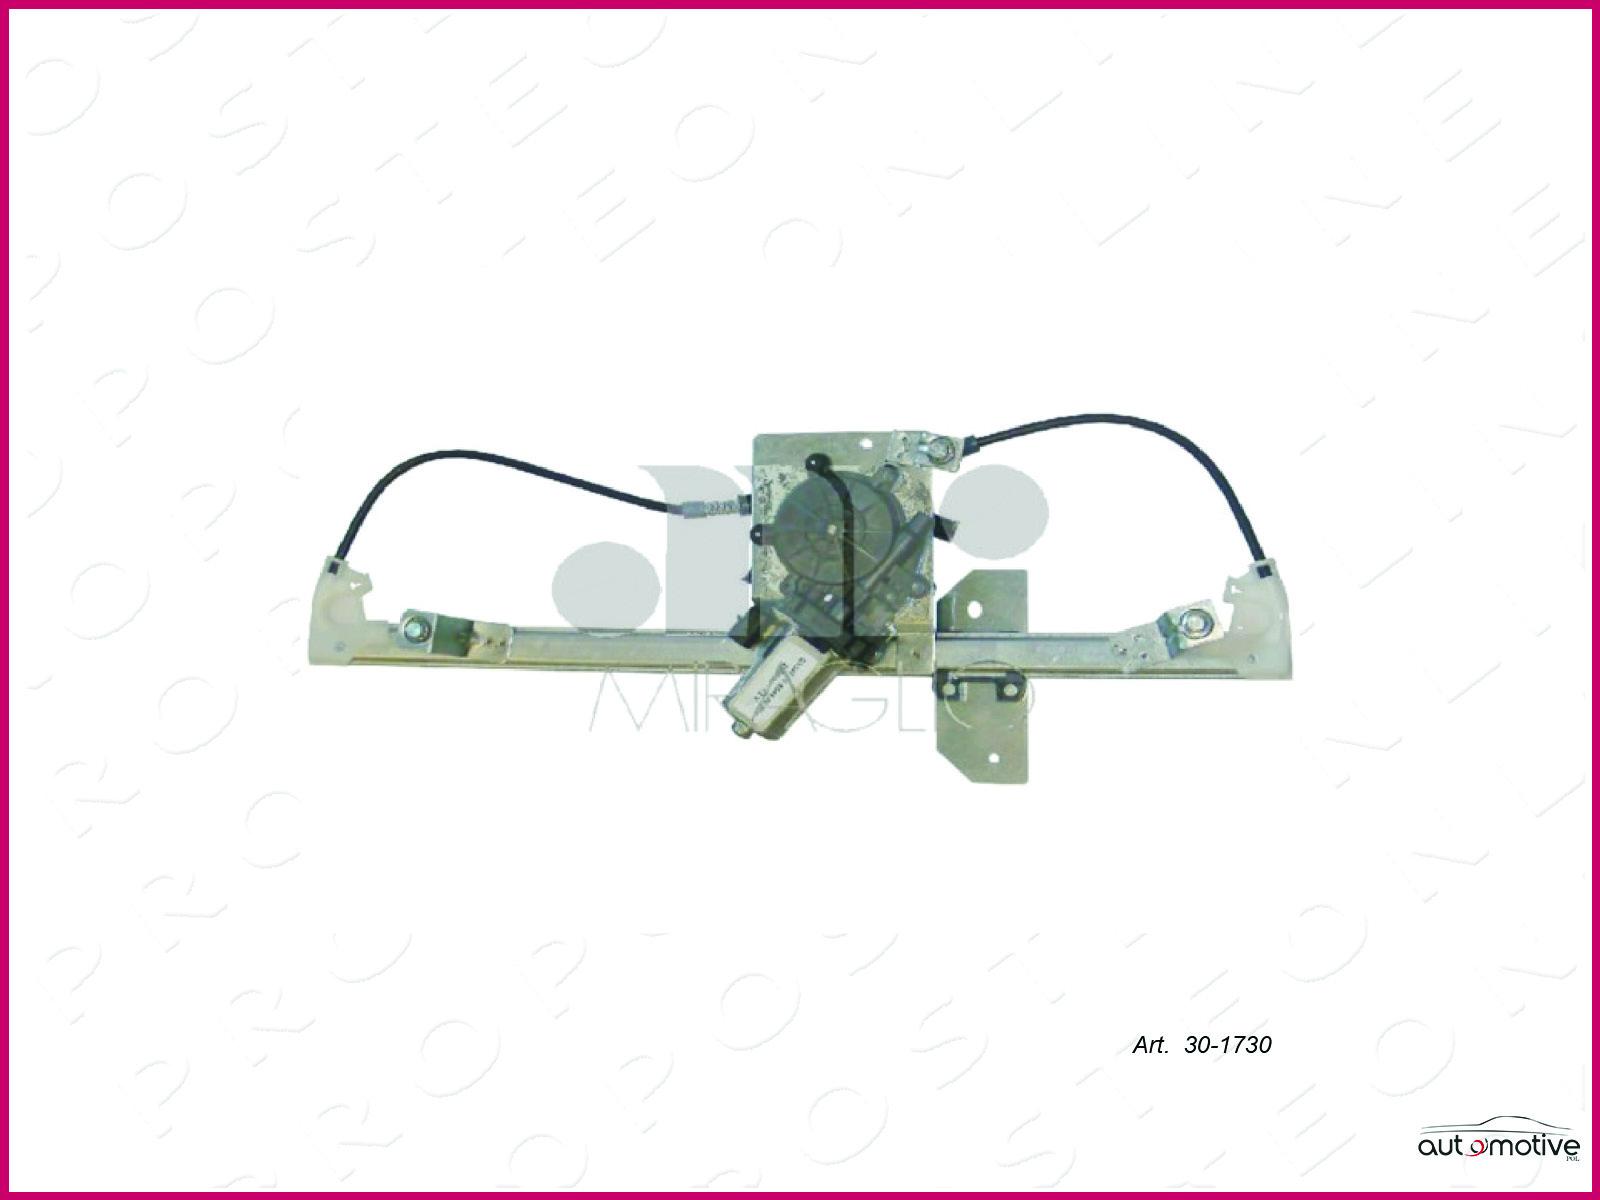 Leve-vitre-Vitres-Electriques-Electrique-Anterieure-Droite-Dacia-5P-Du-2010-1221